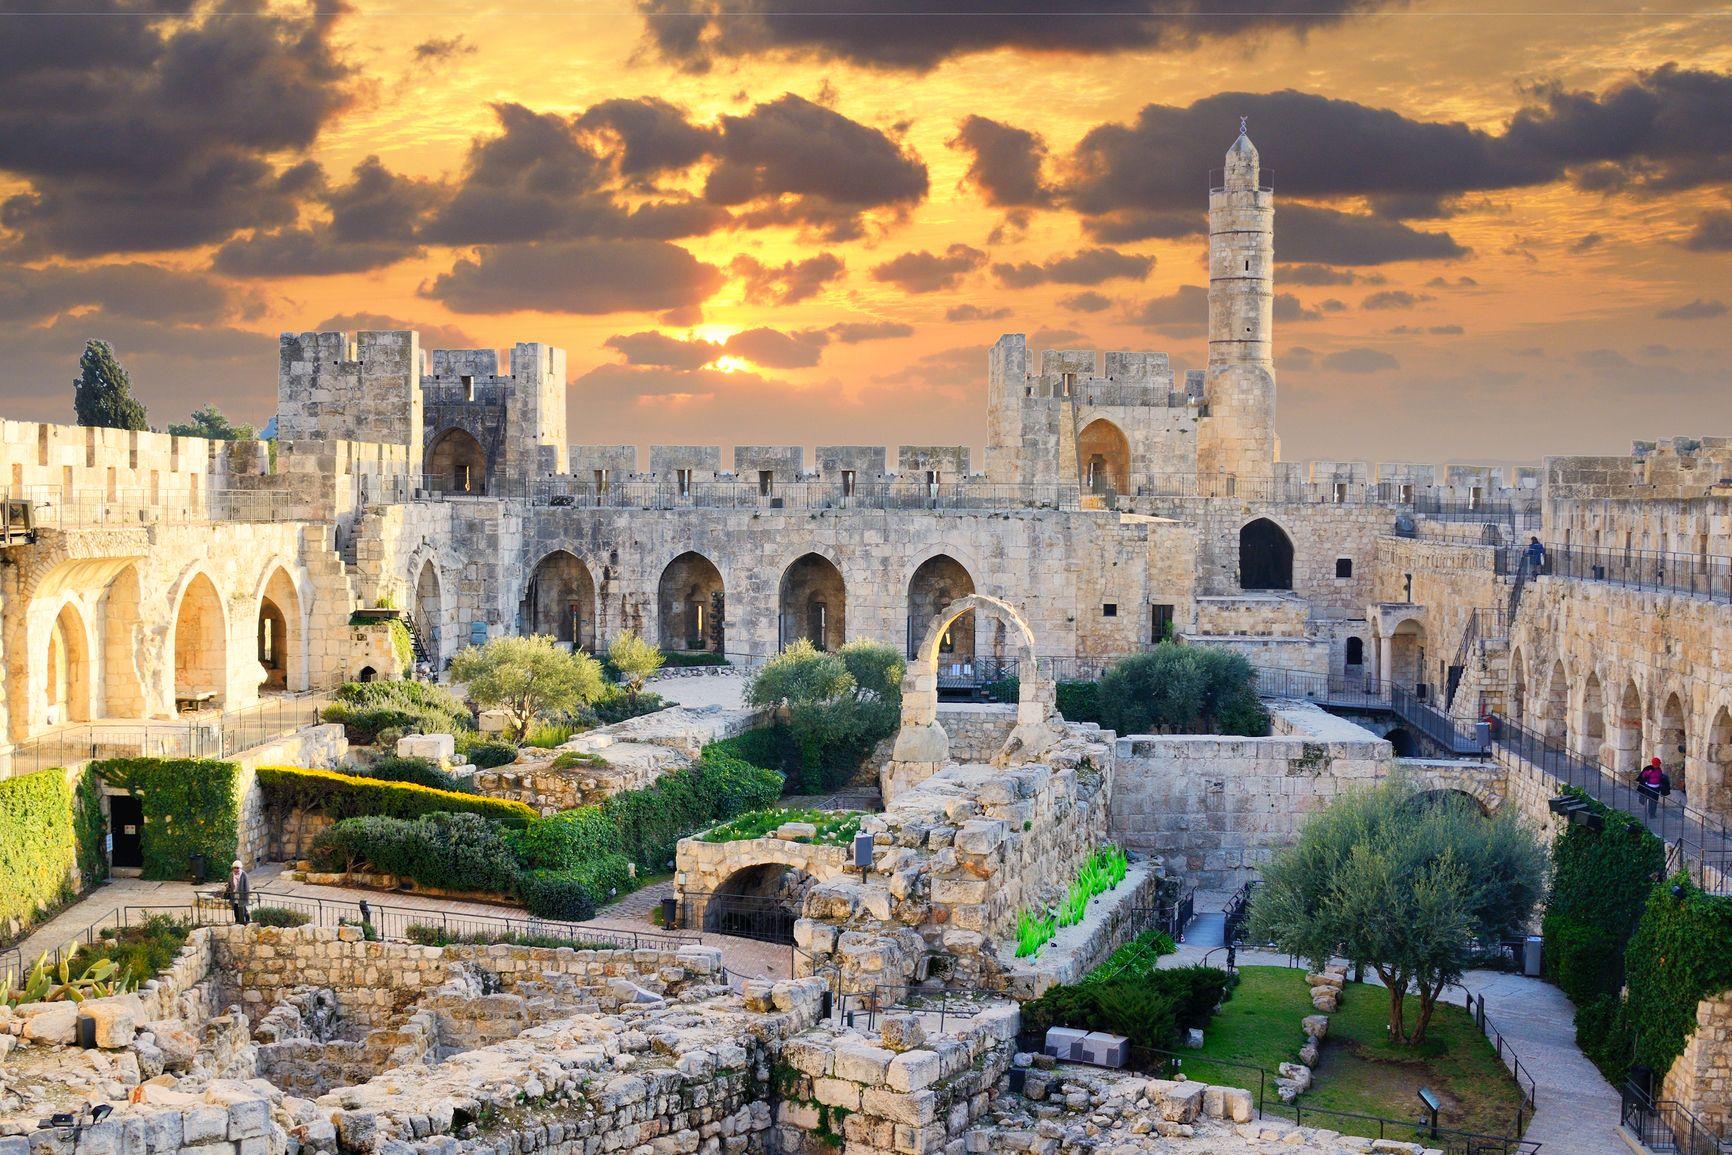 Красивые картинки древнего города что фоне